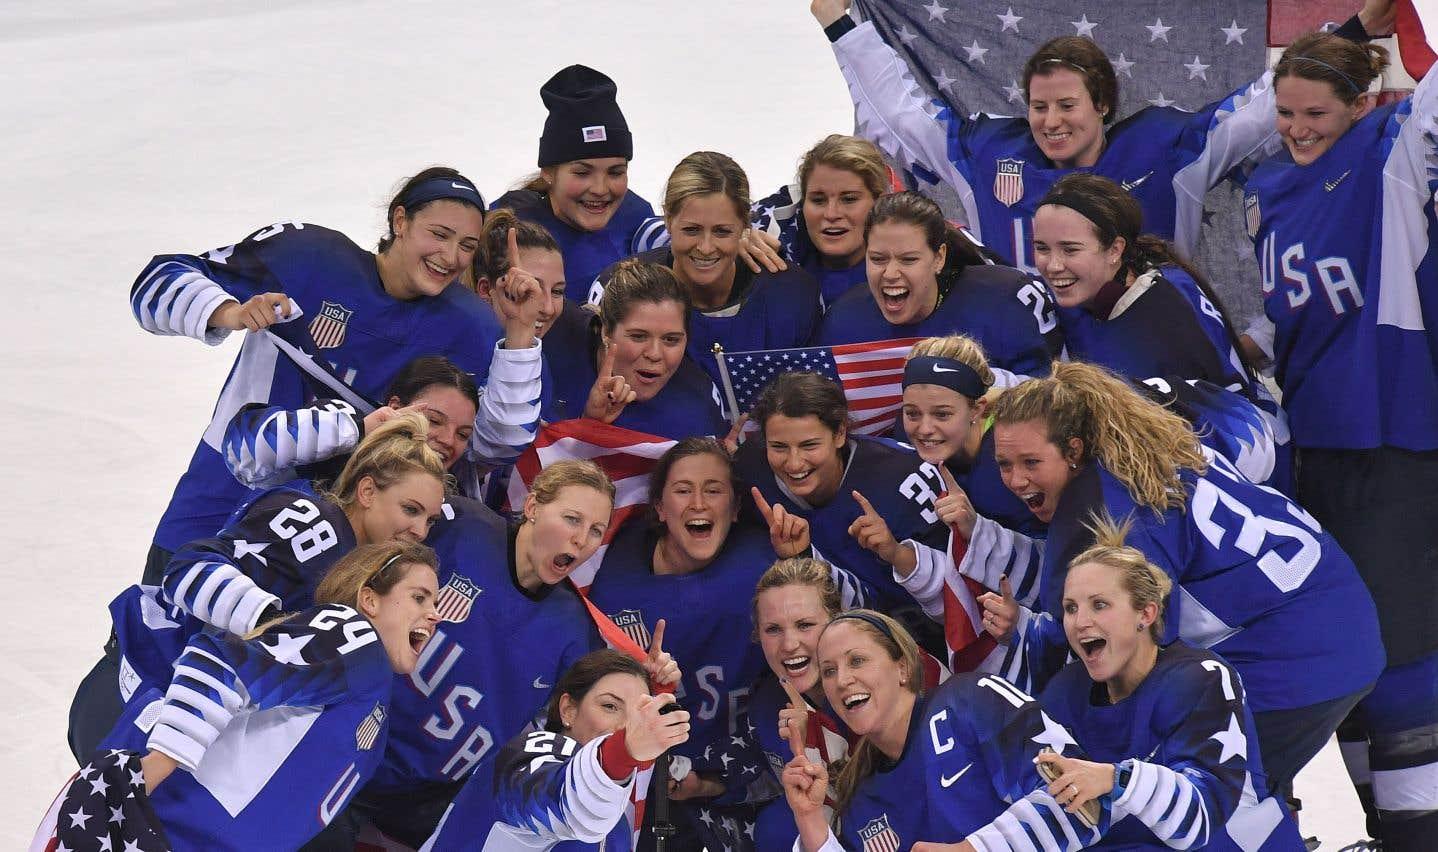 Cette victoire est «l'un des moments les plus gratifiants de l'histoire olympique américaine», savourait «USA Today».